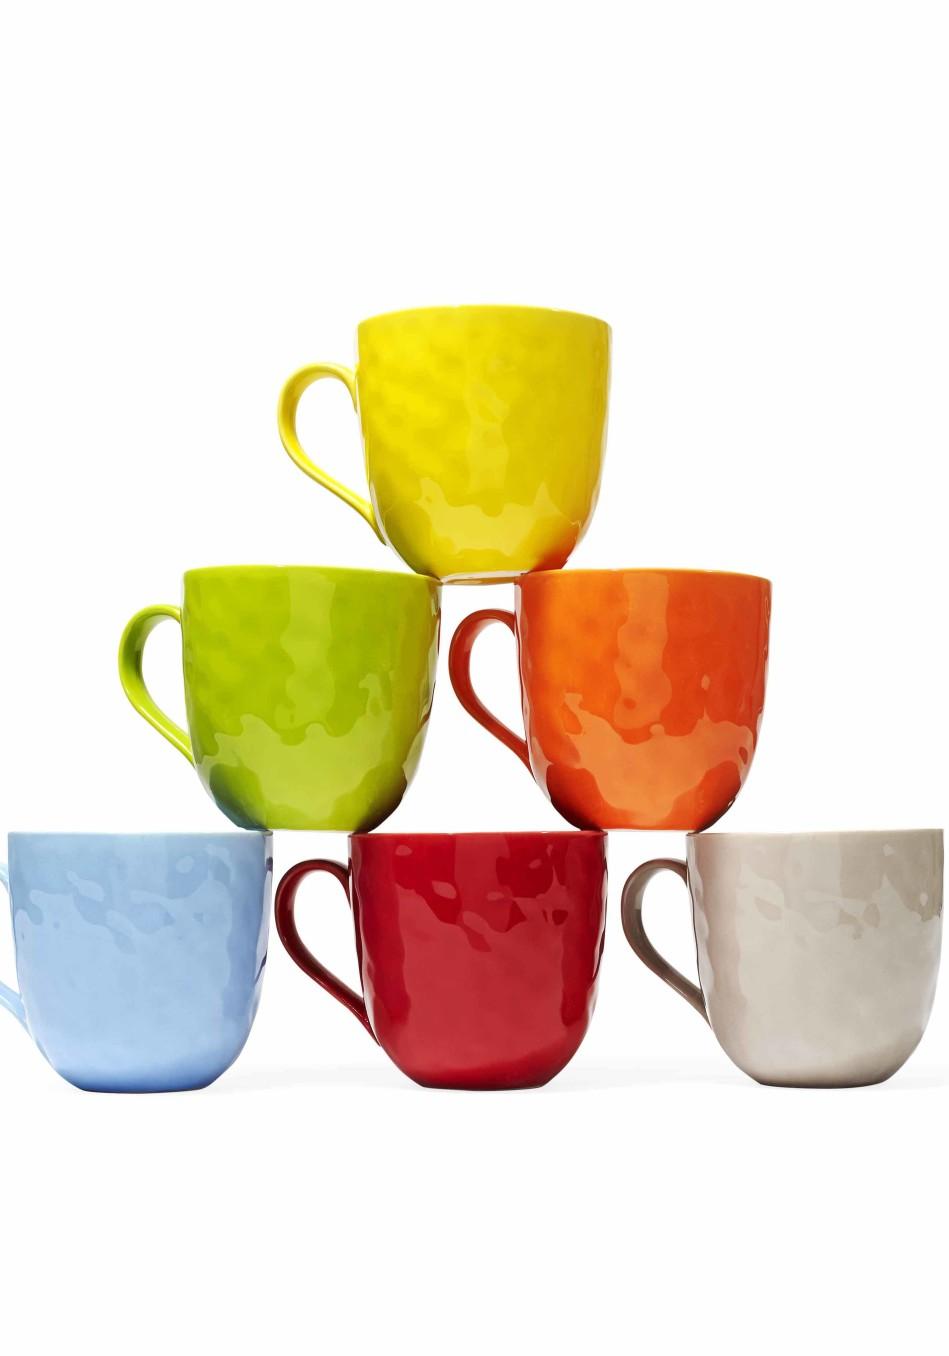 Oprah S Favorite Things 2016 Full List New Bone China Mugs